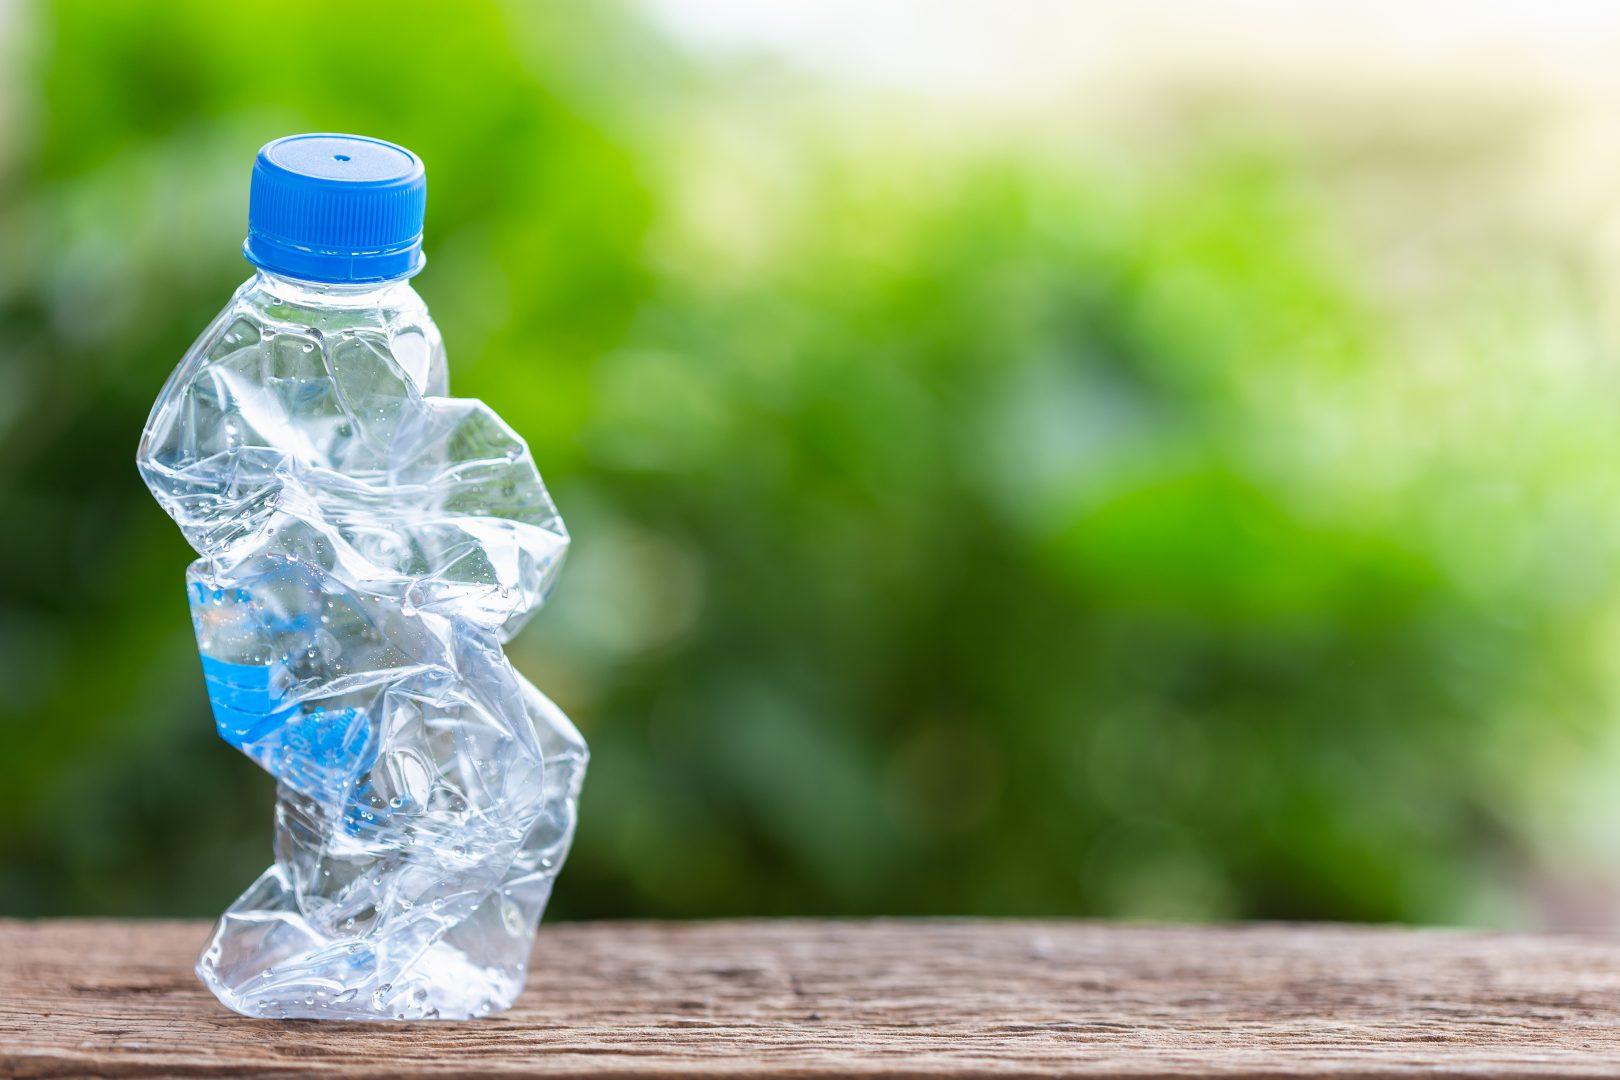 околната среда 5 стартъпа, които се грижат за околната среда А1 Блог